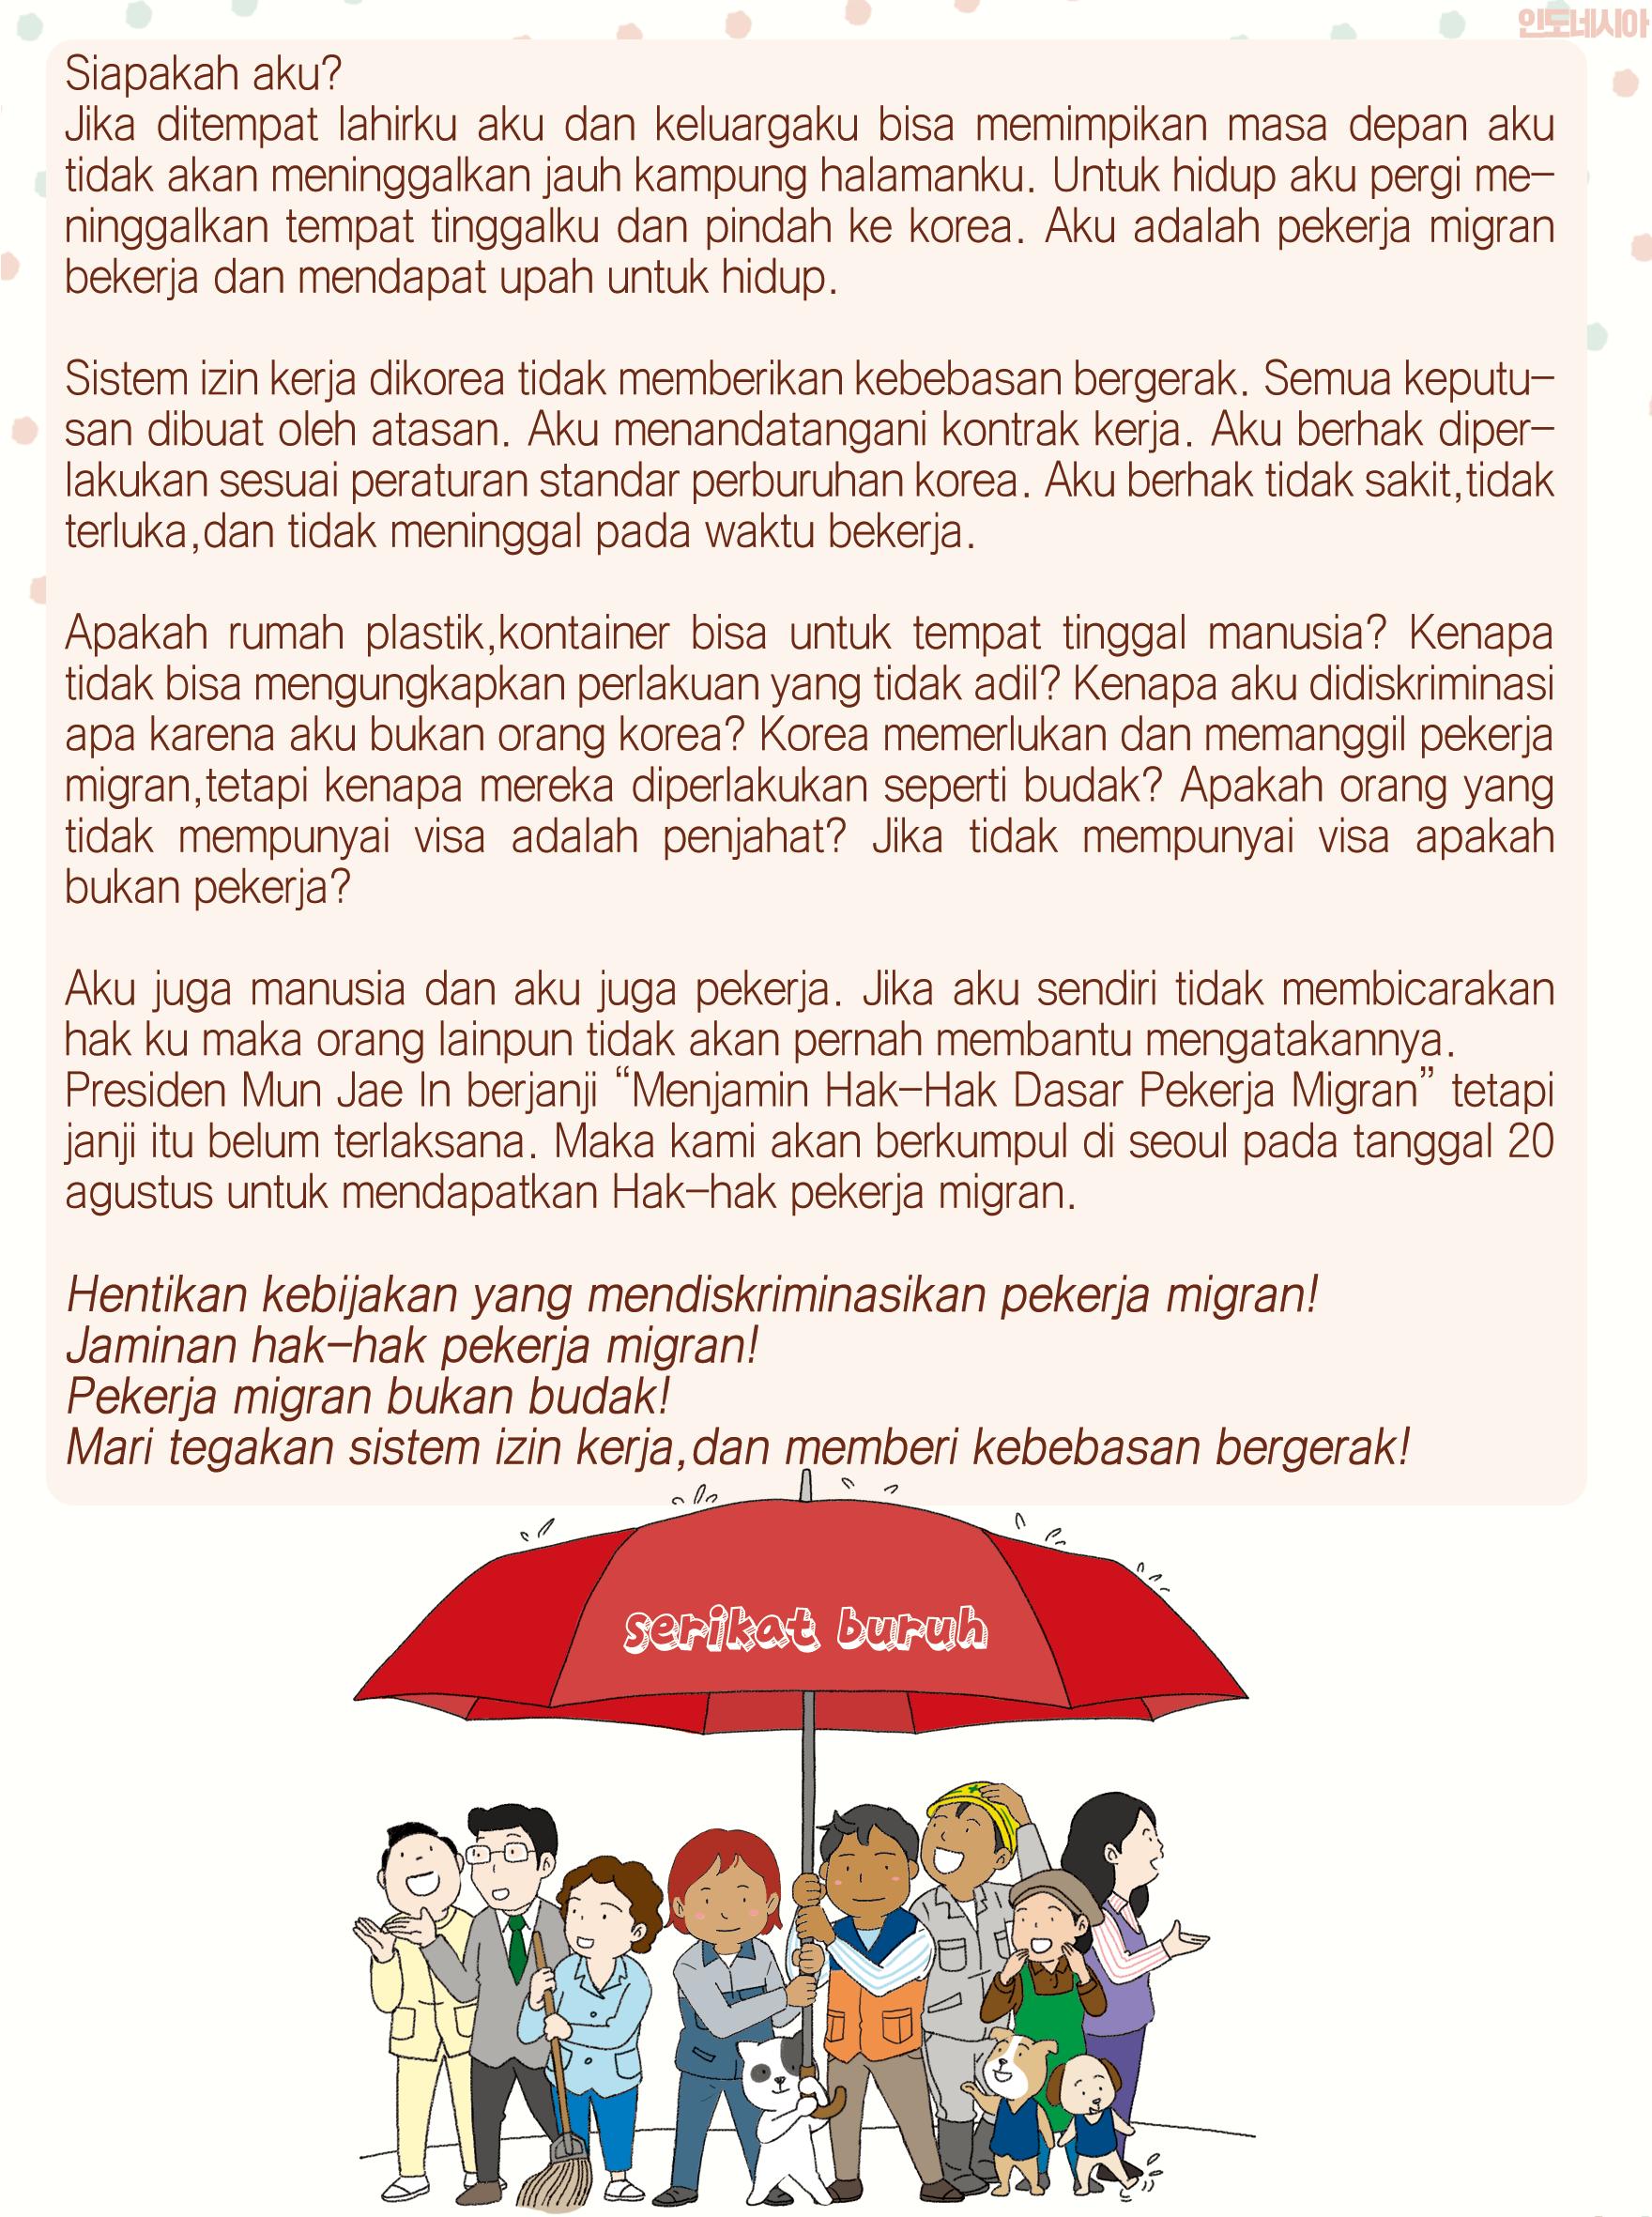 인도네시아.png